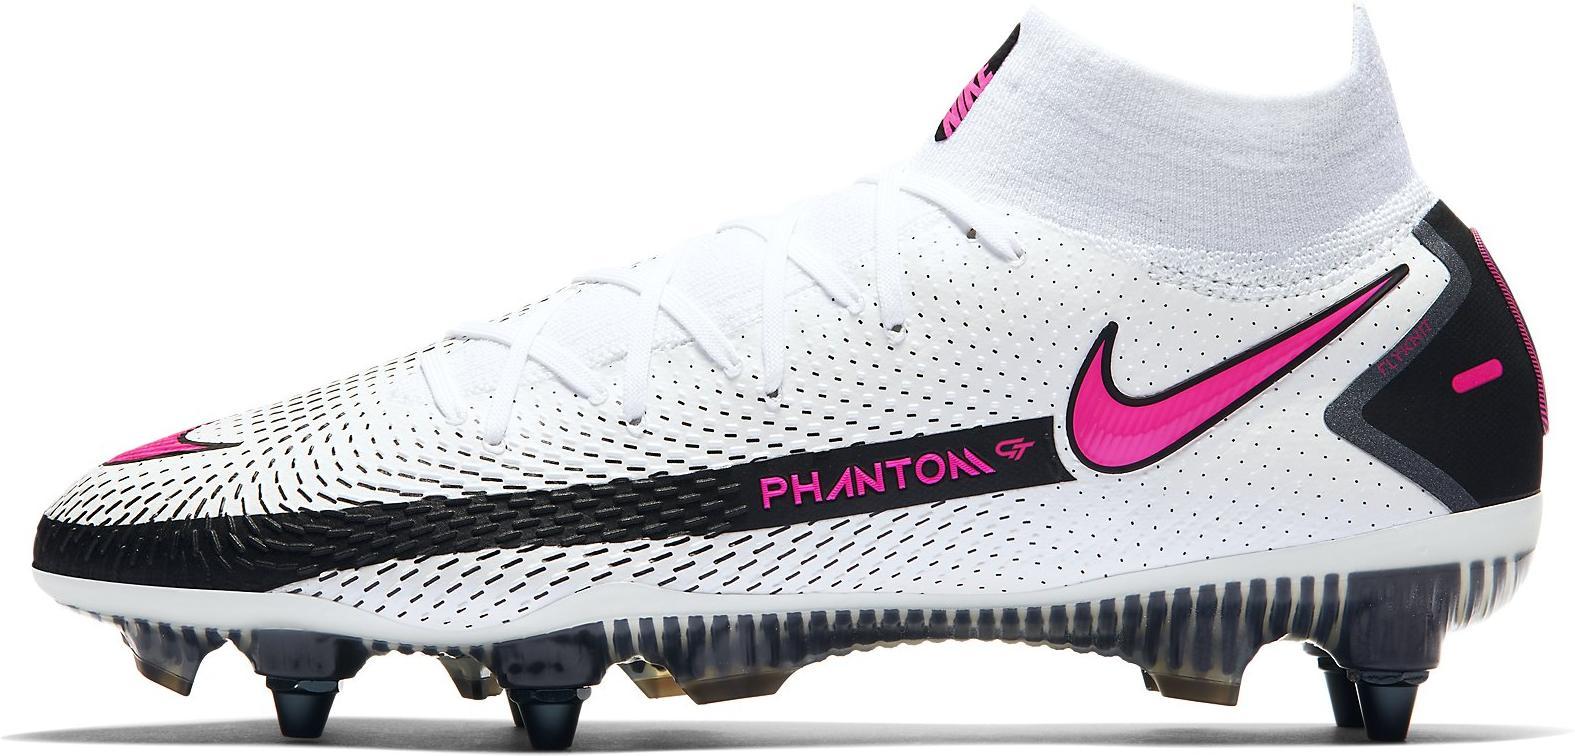 Kopačky Nike PHANTOM GT ELITE DF SG-PRO bílá